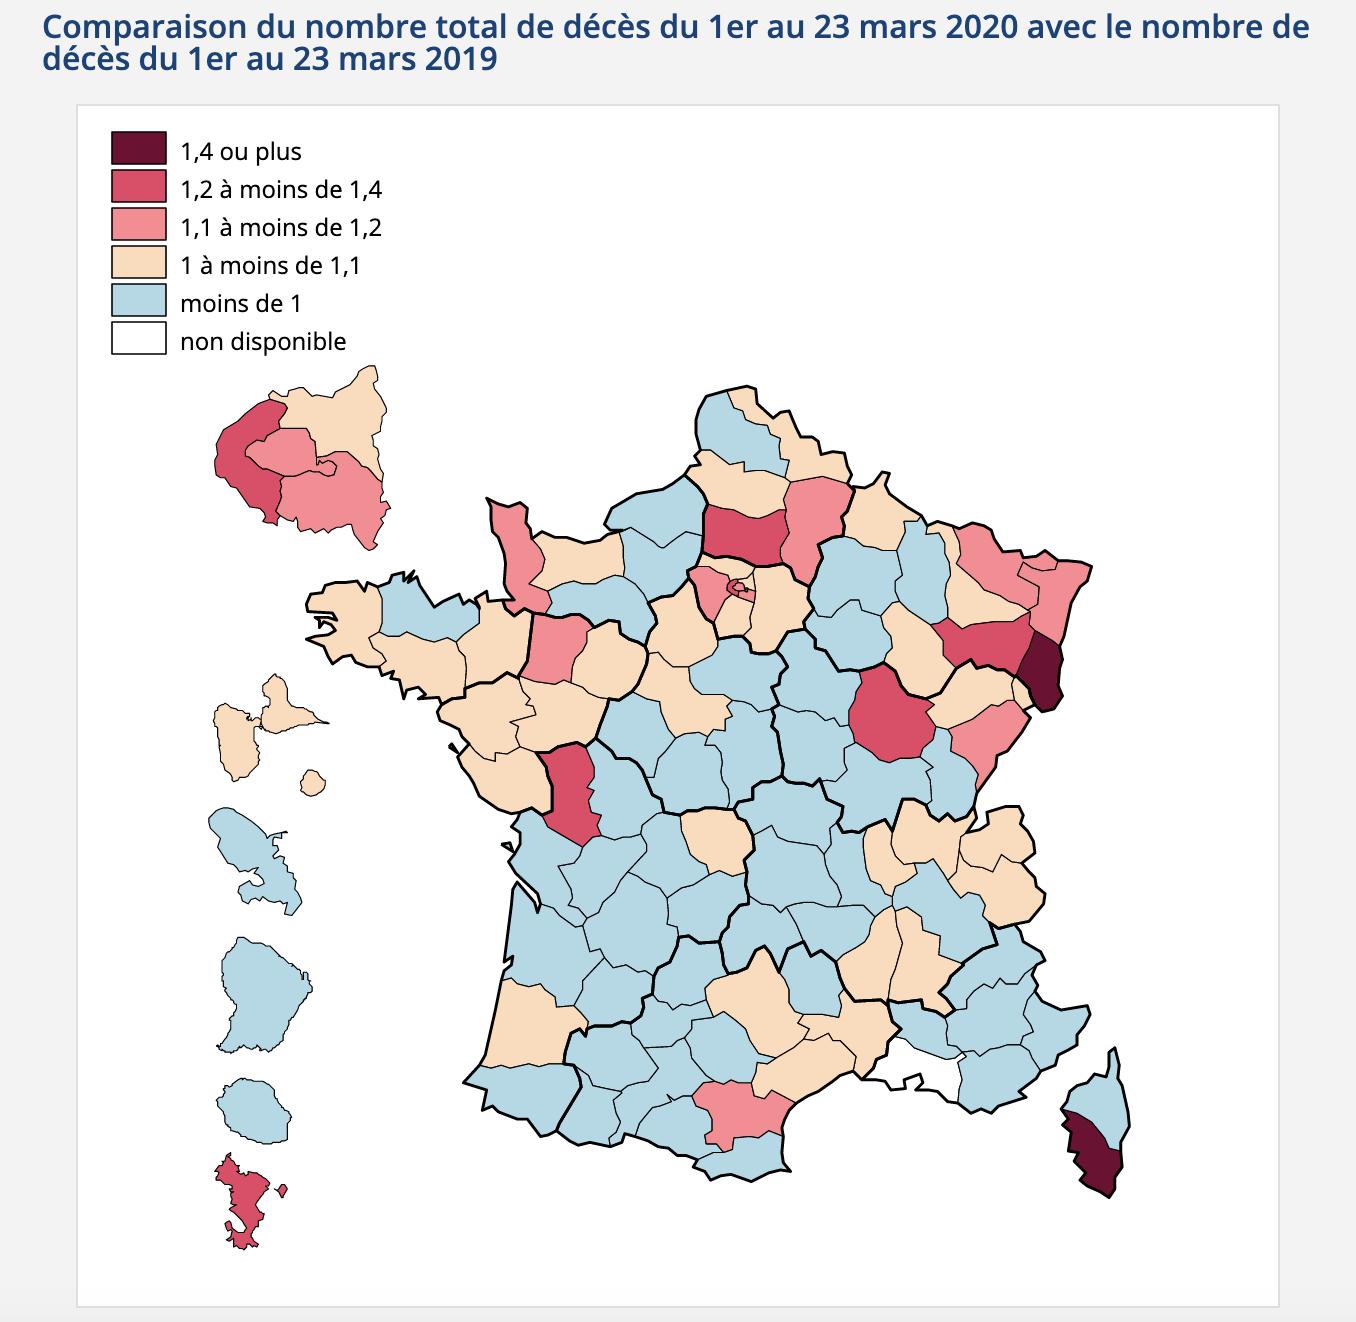 Comparaison du nombre total de décès en France entre le 1er et le 23 mars 2020, et la même période en 2019